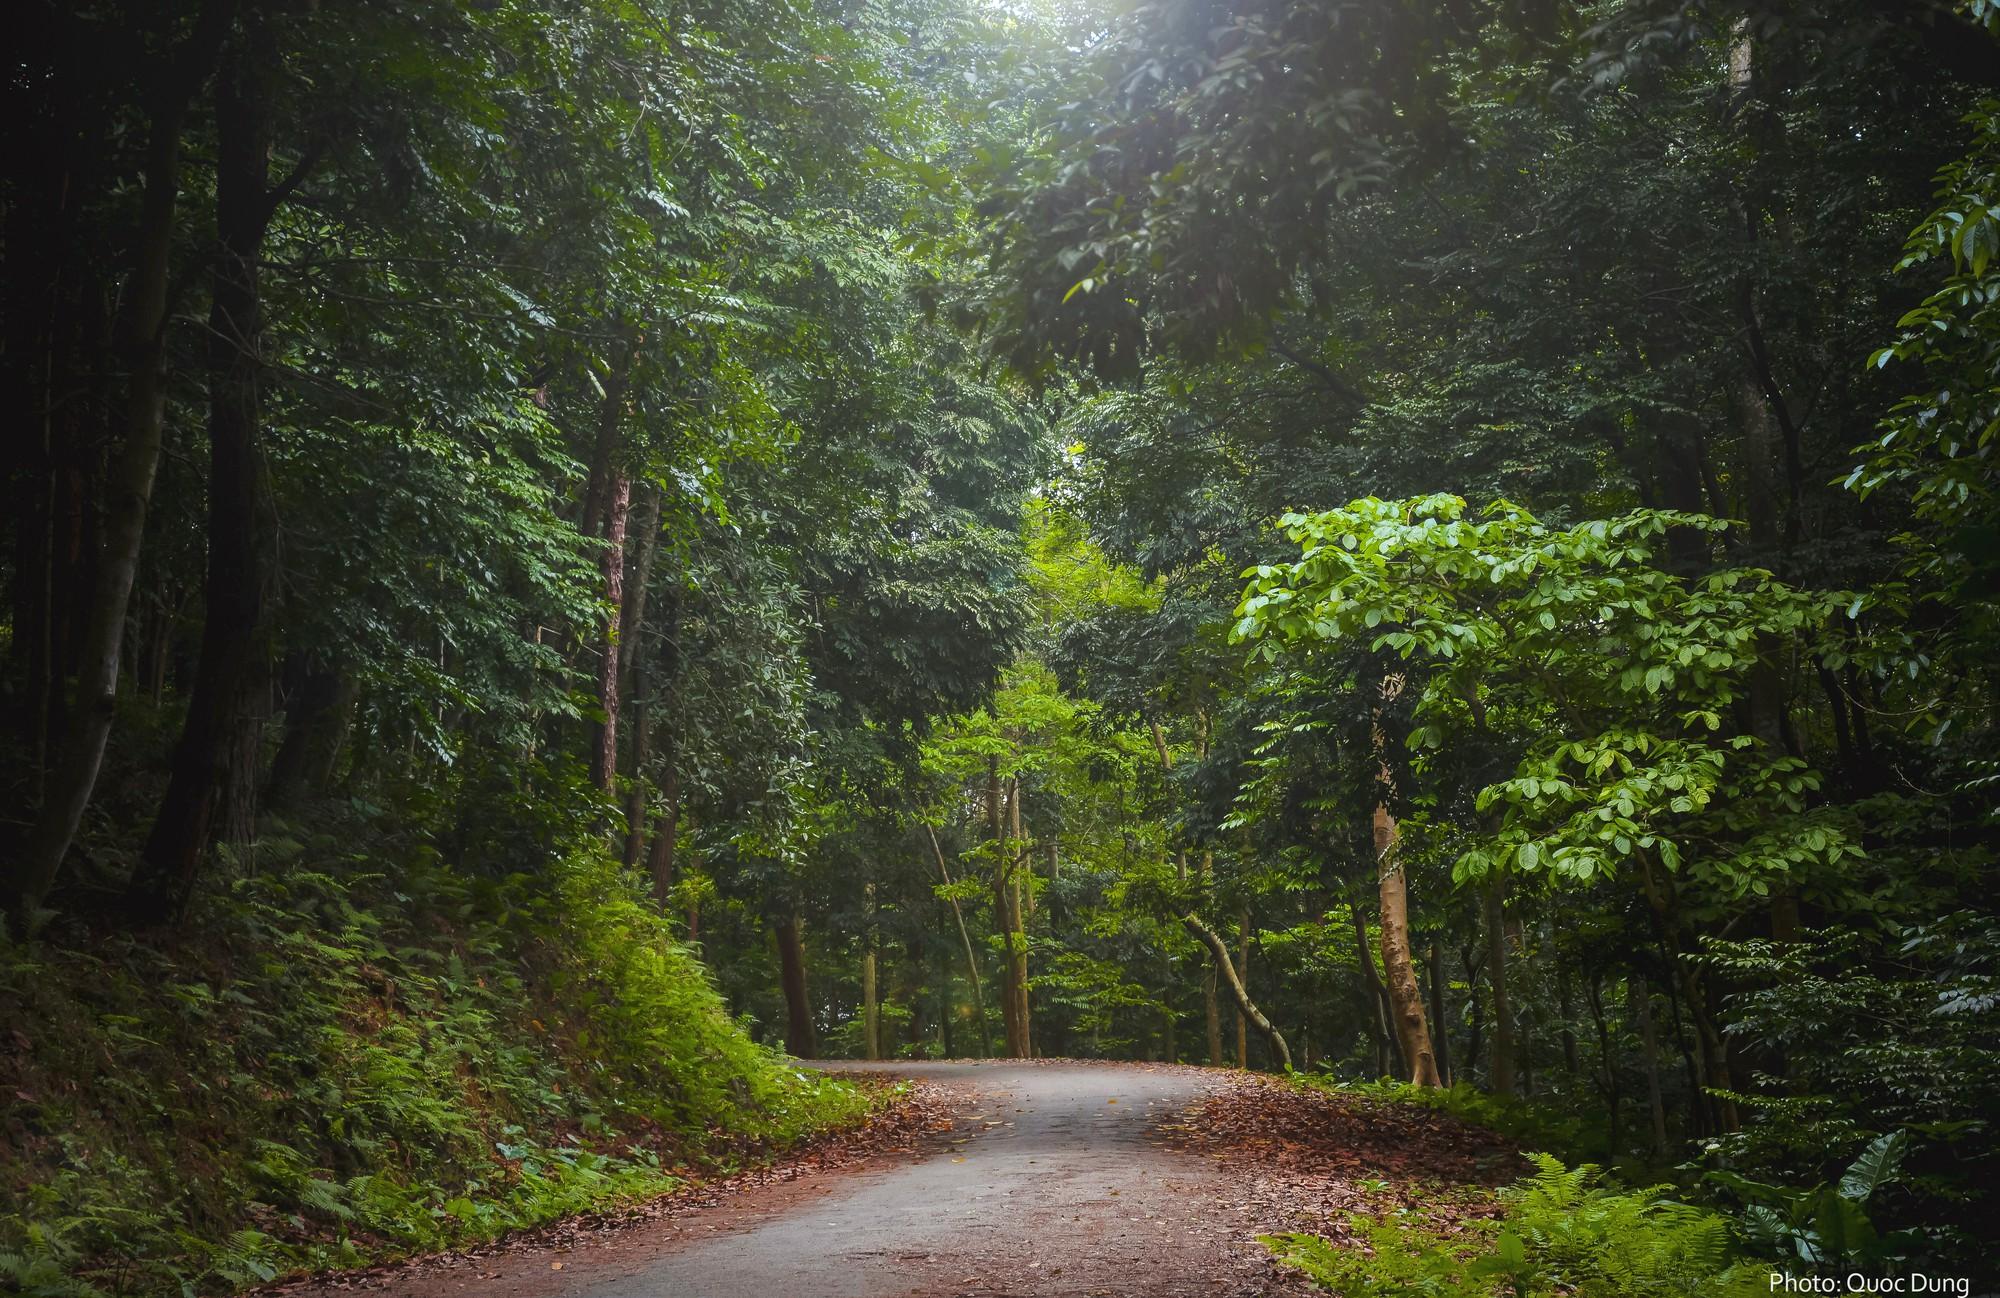 Đây là Đại học duy nhất ở Việt Nam có 1 khu rừng tuyệt đẹp ngay trong khuôn viên trường, tha hồ sống ảo - Ảnh 2.